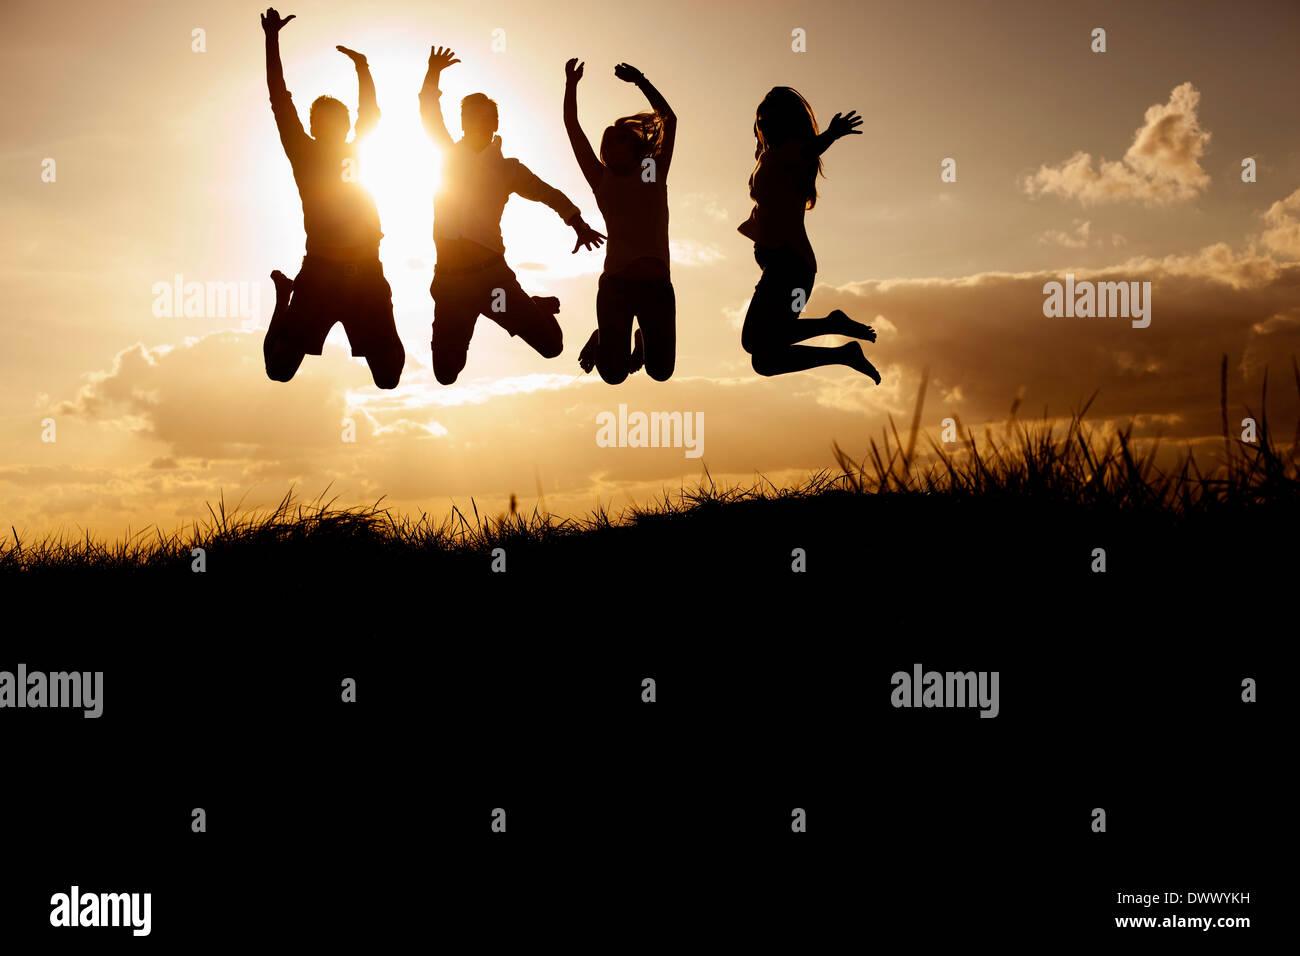 Stagliano immagine di amici salto sulla spiaggia contro sky Immagini Stock